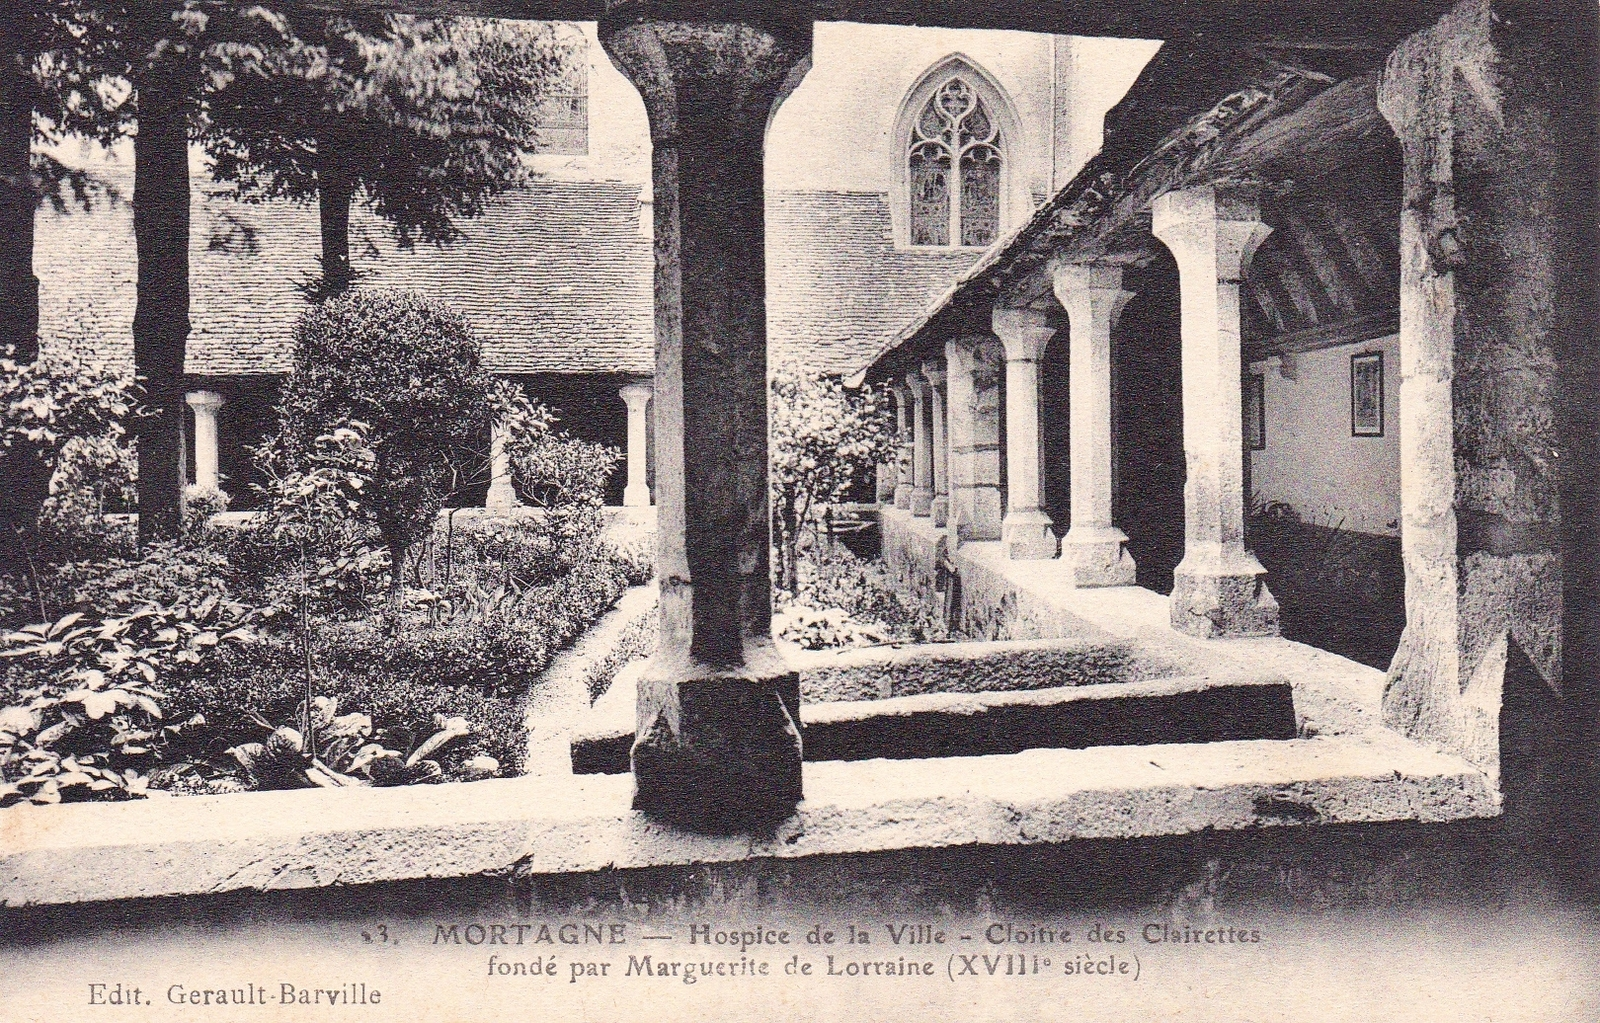 Mortagne-au-Perche - Mortagne hospice de la ville cloitre des clairettes fondé au XVIII ème par Marguerite de Lorraine